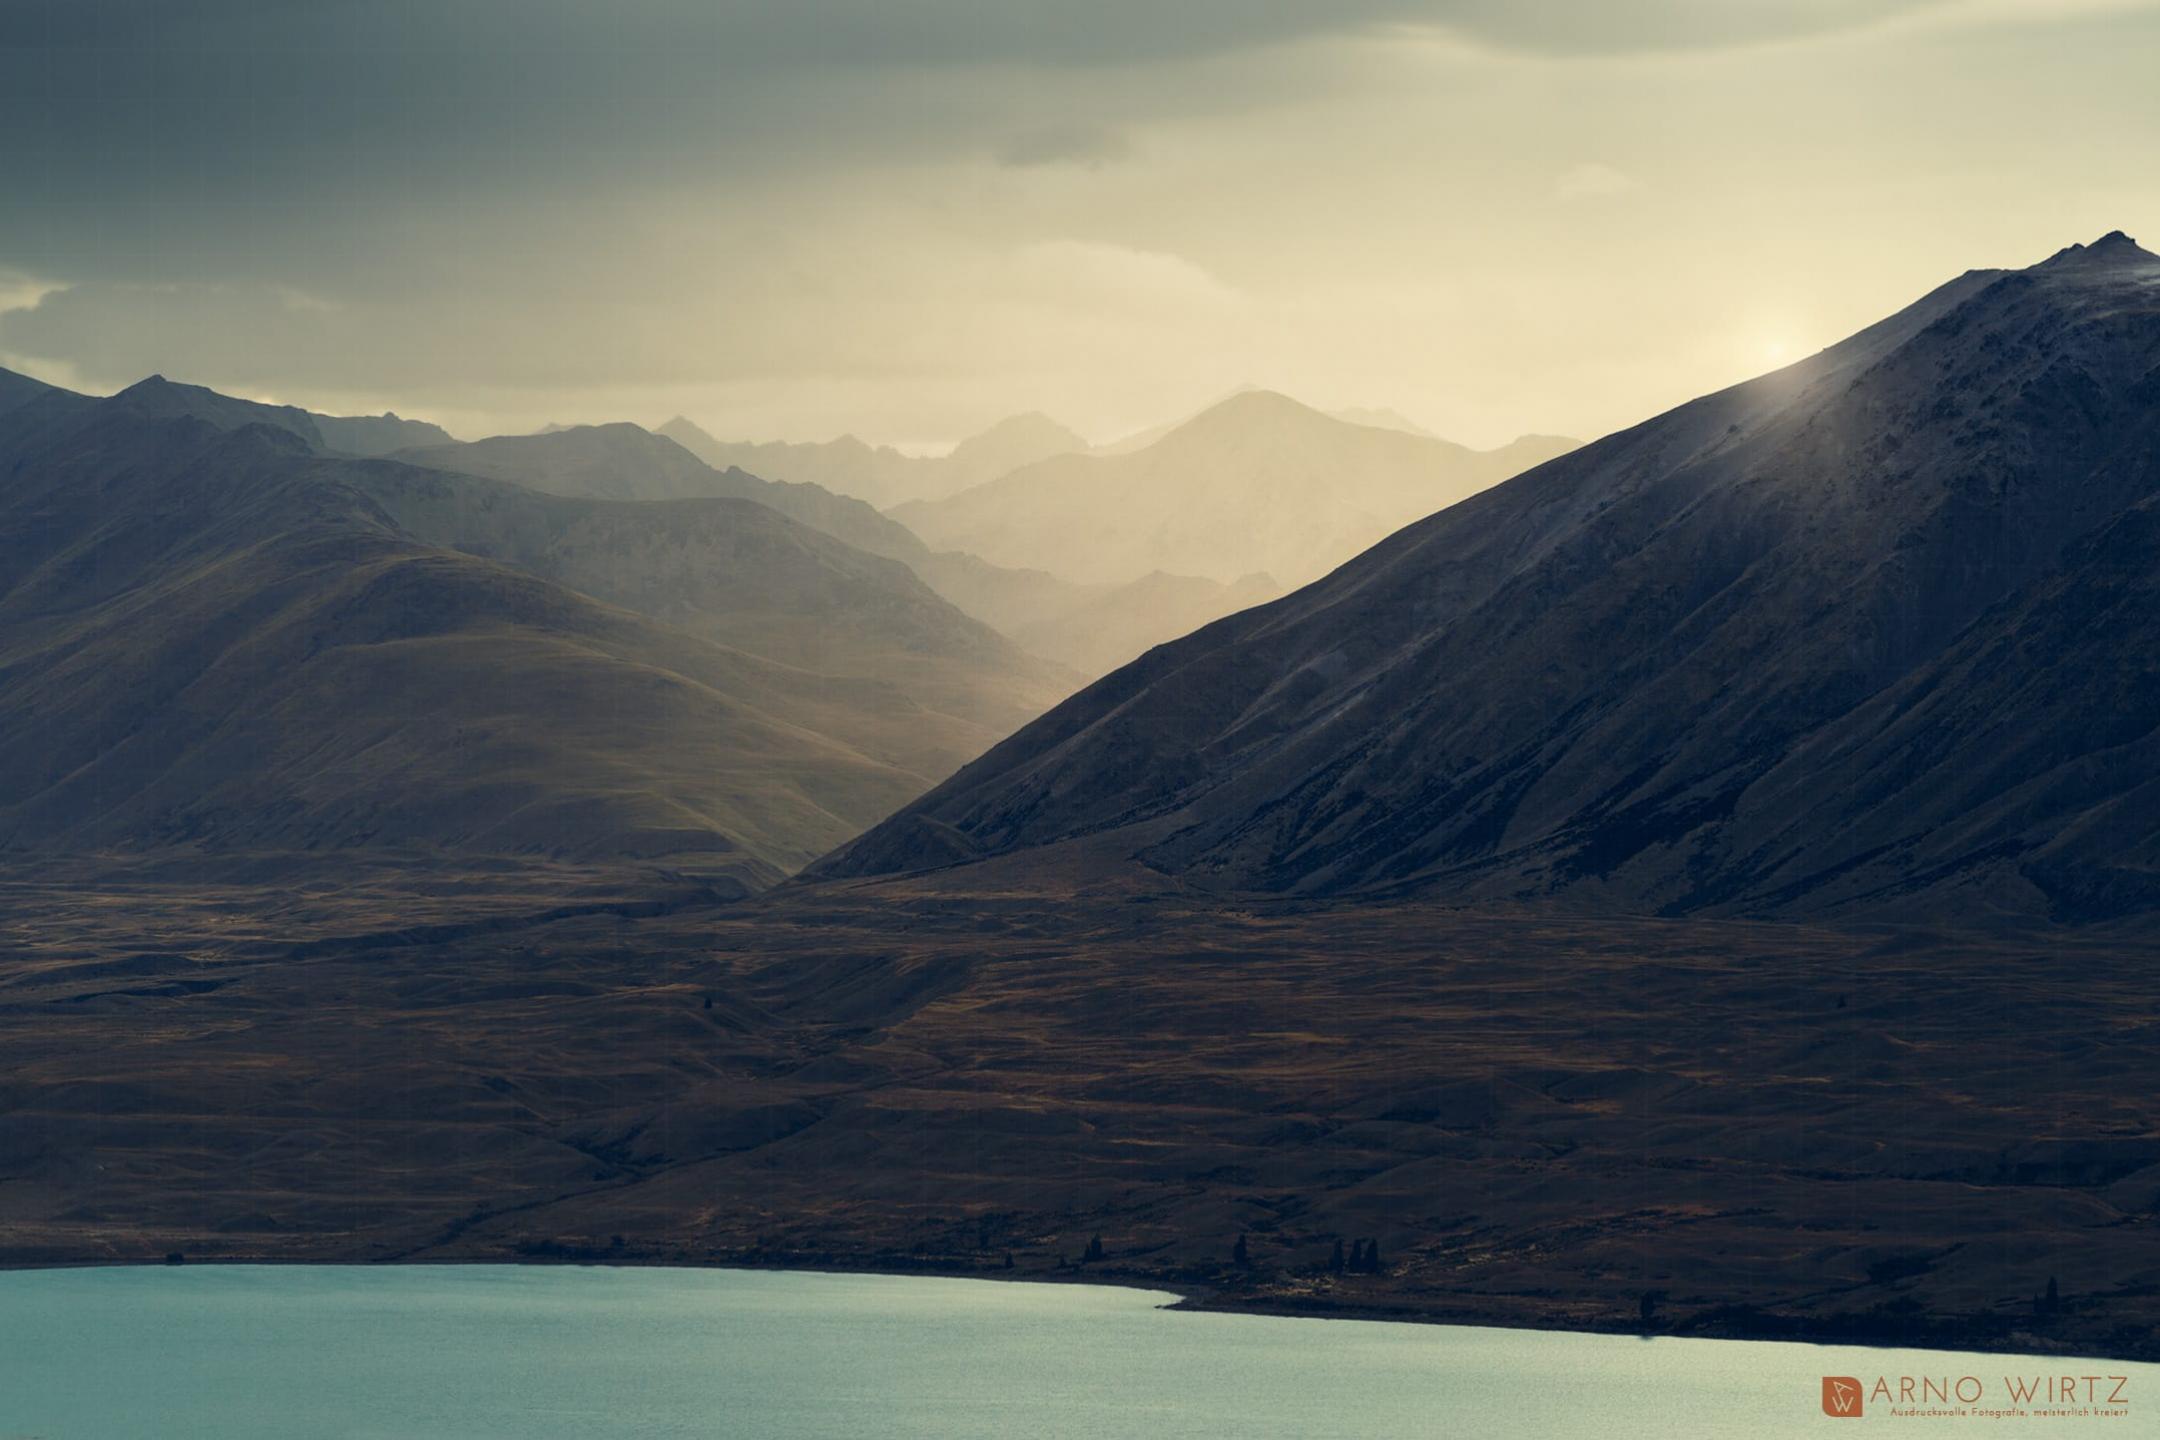 Lake Tekapo, New Zealand / Copyright © 2021 Arno Wirtz